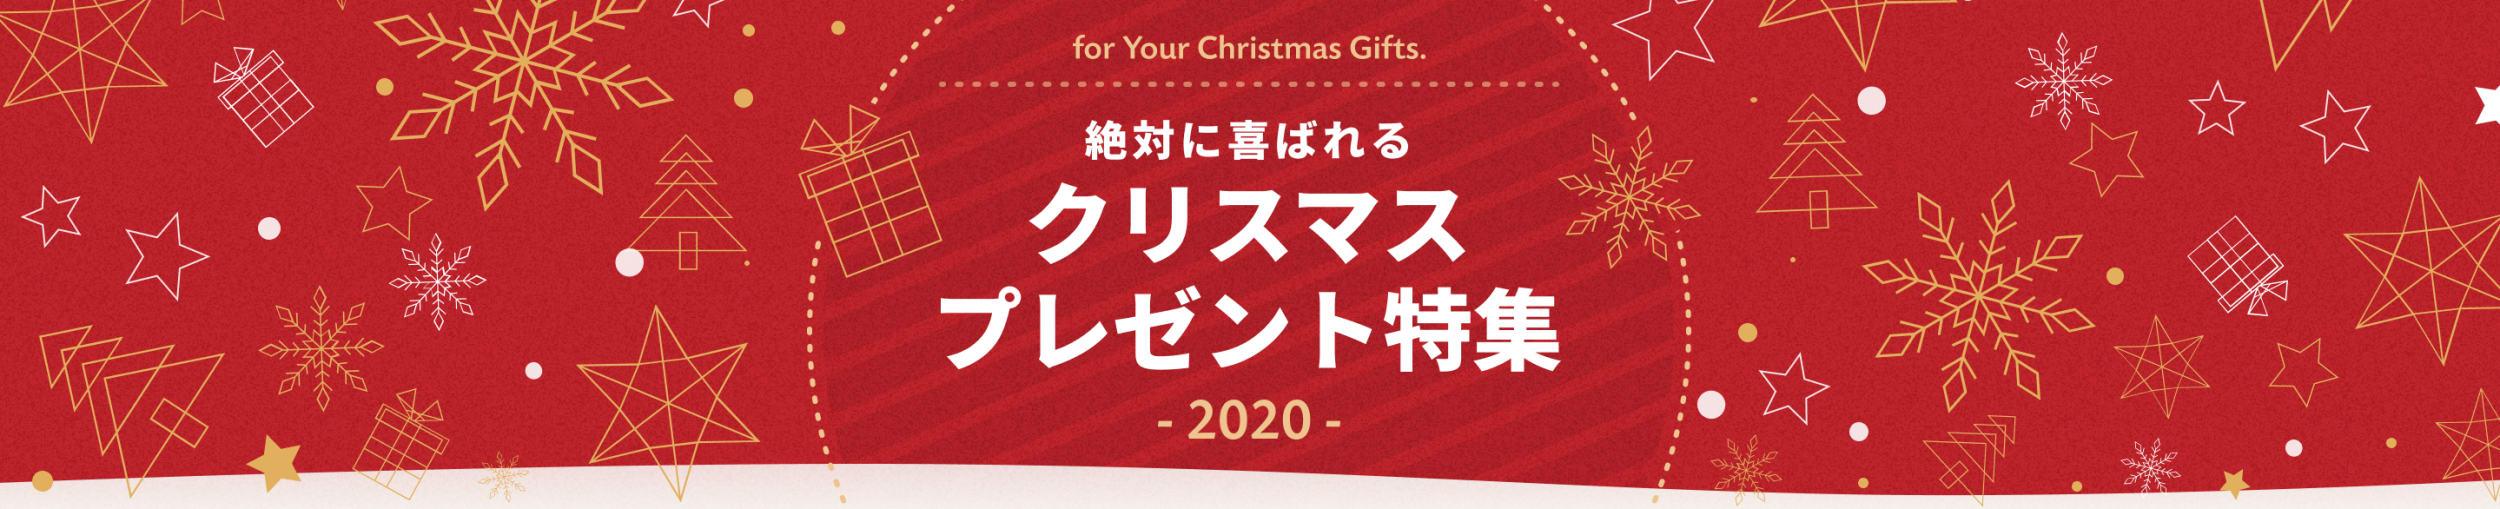 TANPクリスマスプレゼント2020特集